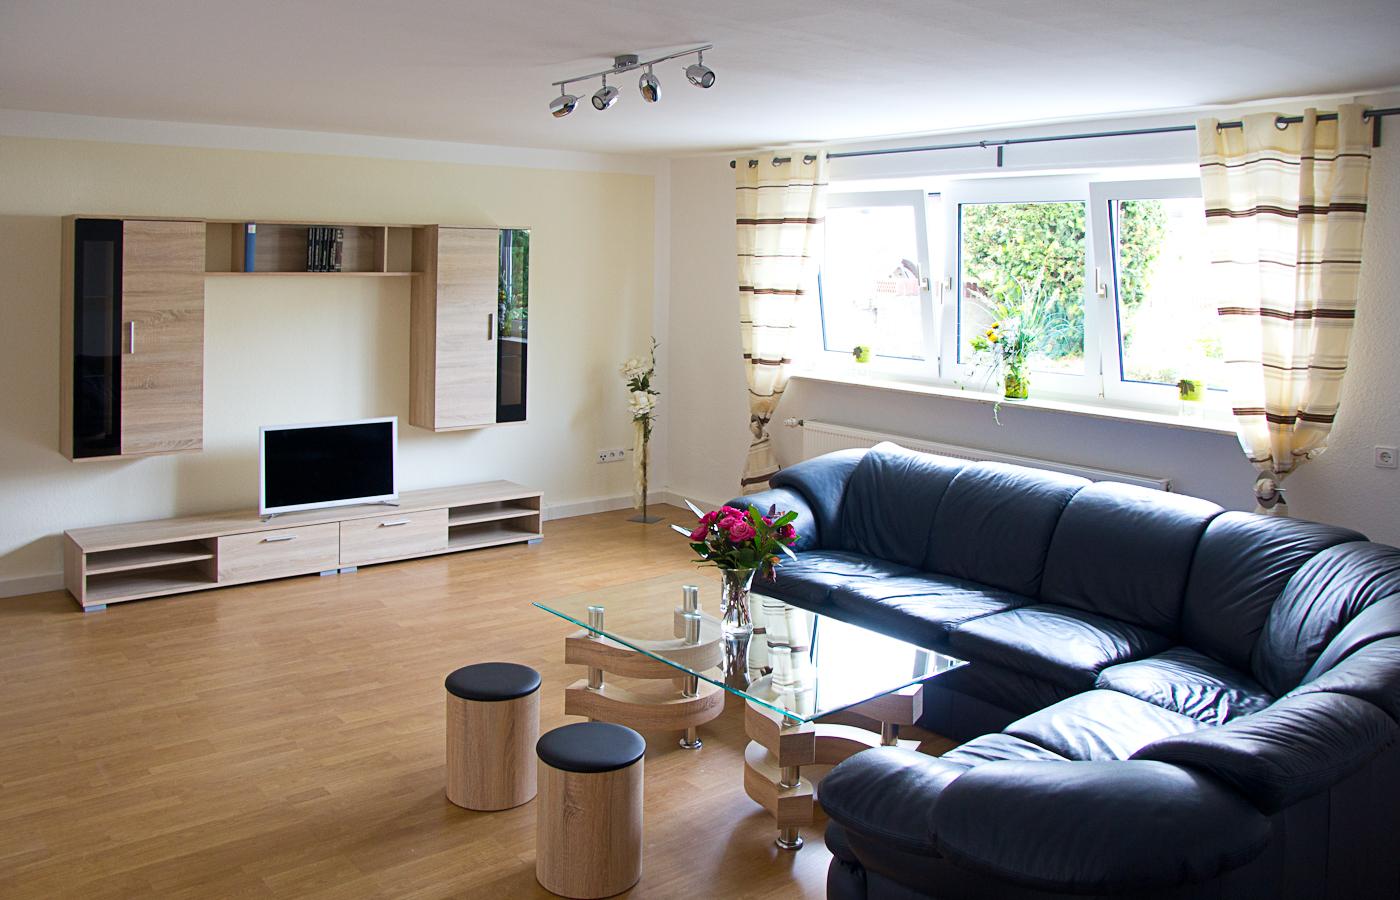 Ferienwohnung in bensheim ferienwohnung bensheim - Couchgarnitur wohnzimmer ...